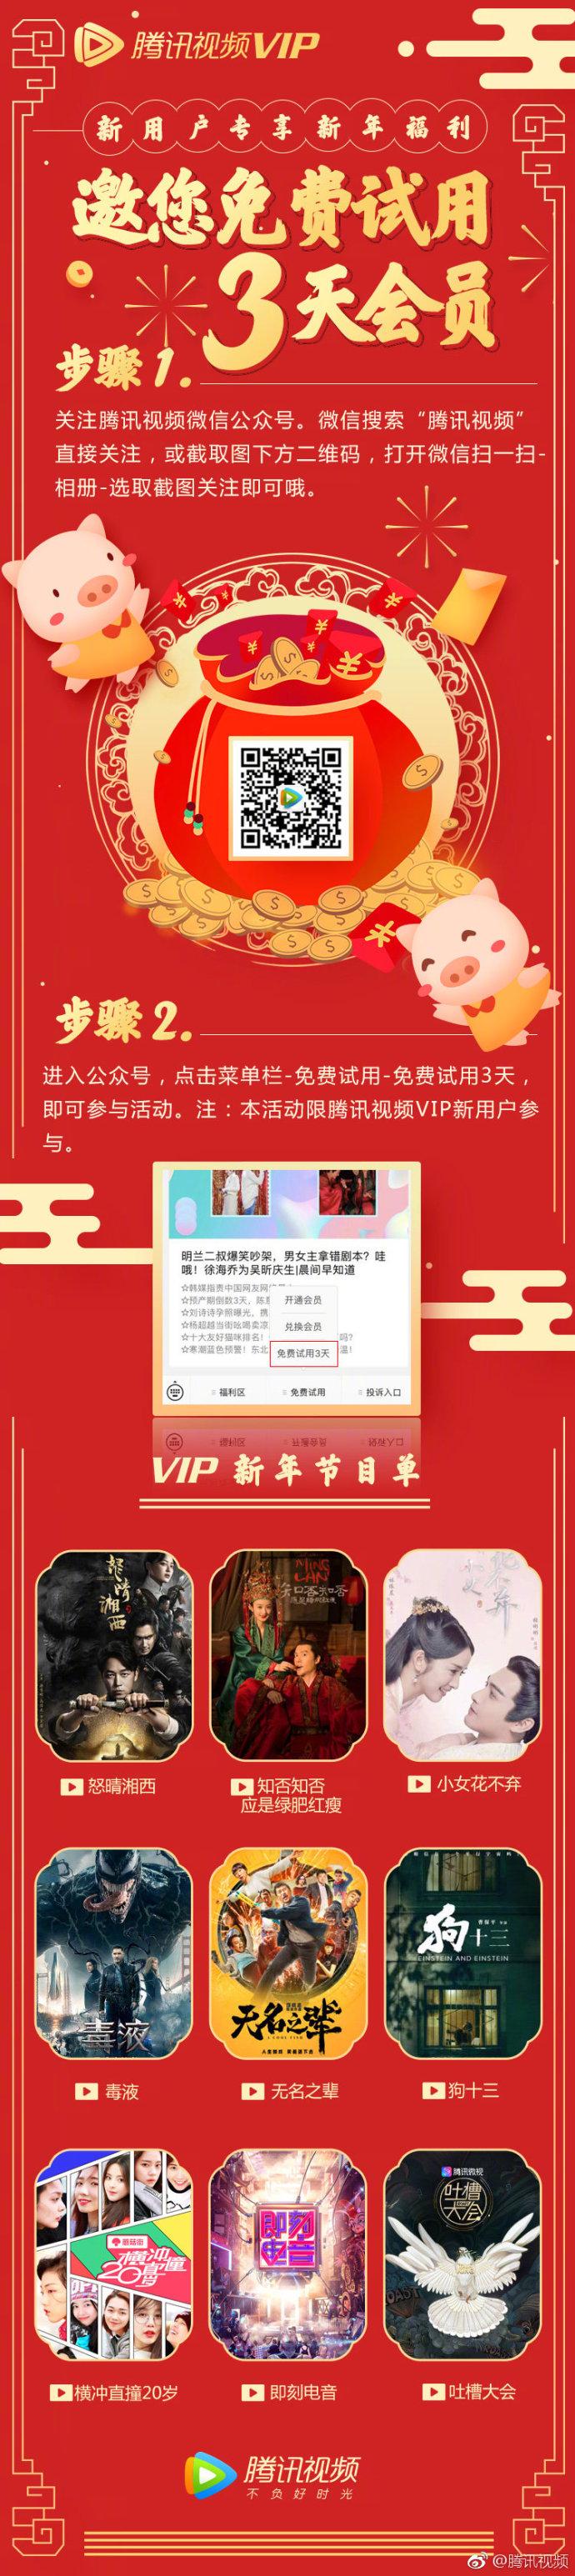 腾讯视频VIP免费试用3天 第2张